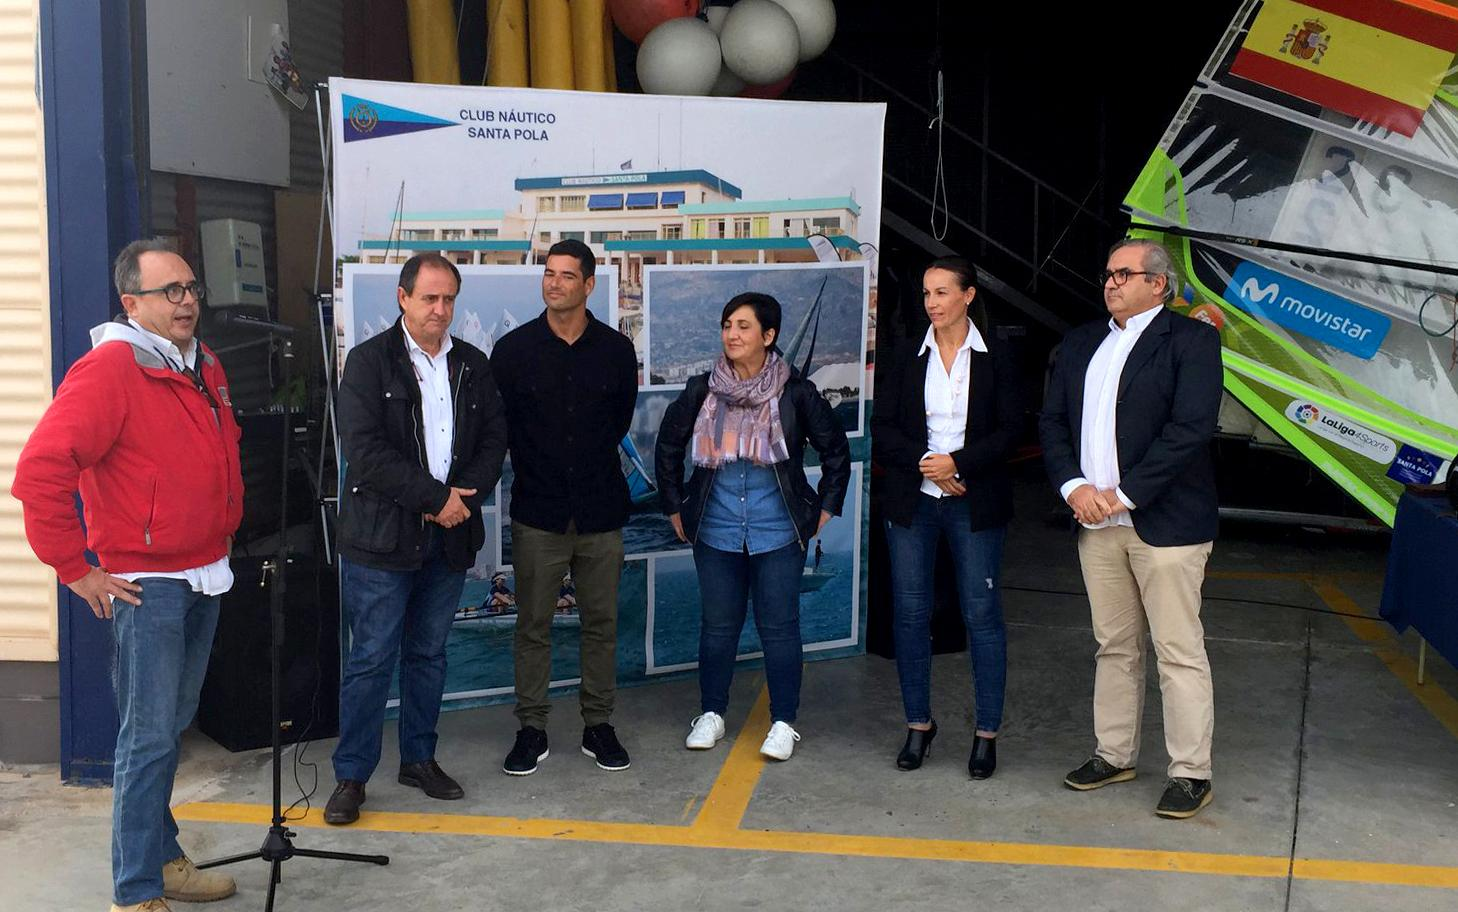 Iván Pastor inaugura el futuro proyecto del Centro de Entrenamiento y Tecnificación de Windsurf en Santa Pola